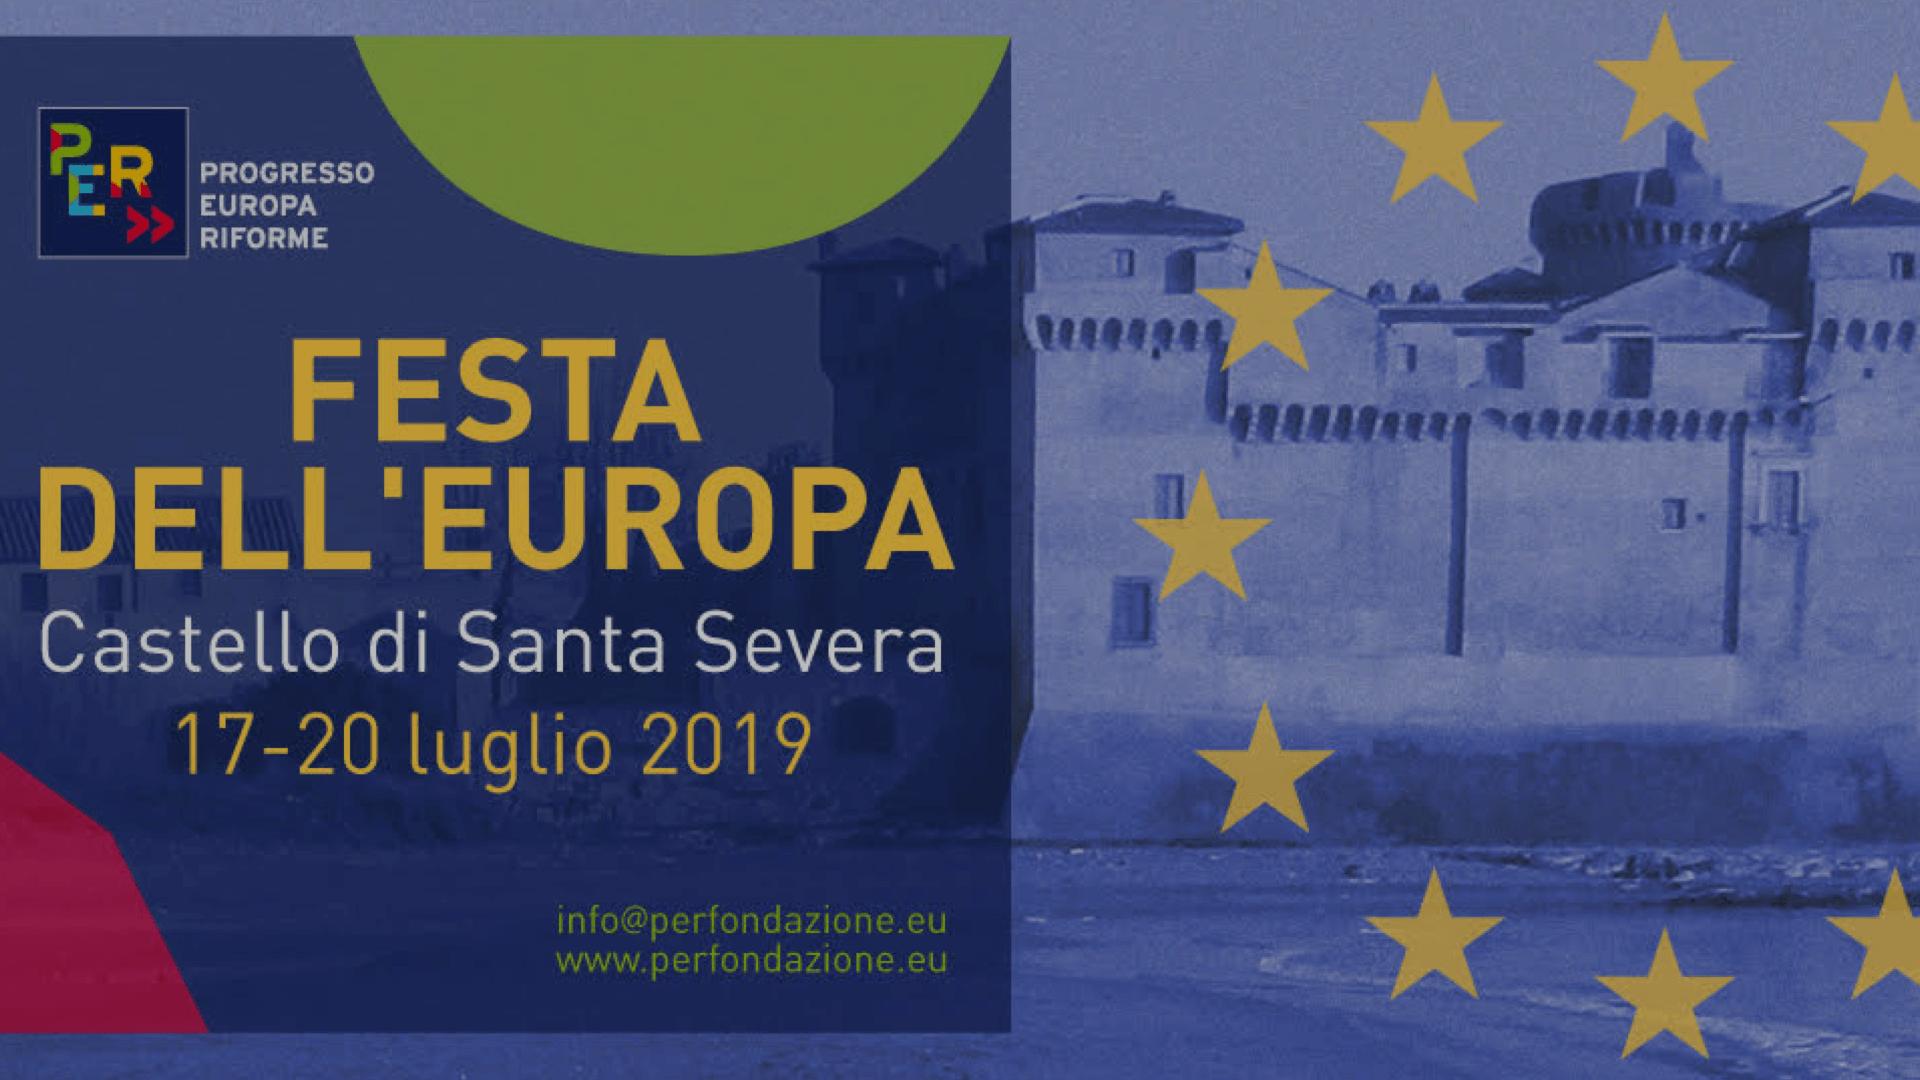 La Festa dell'Europa